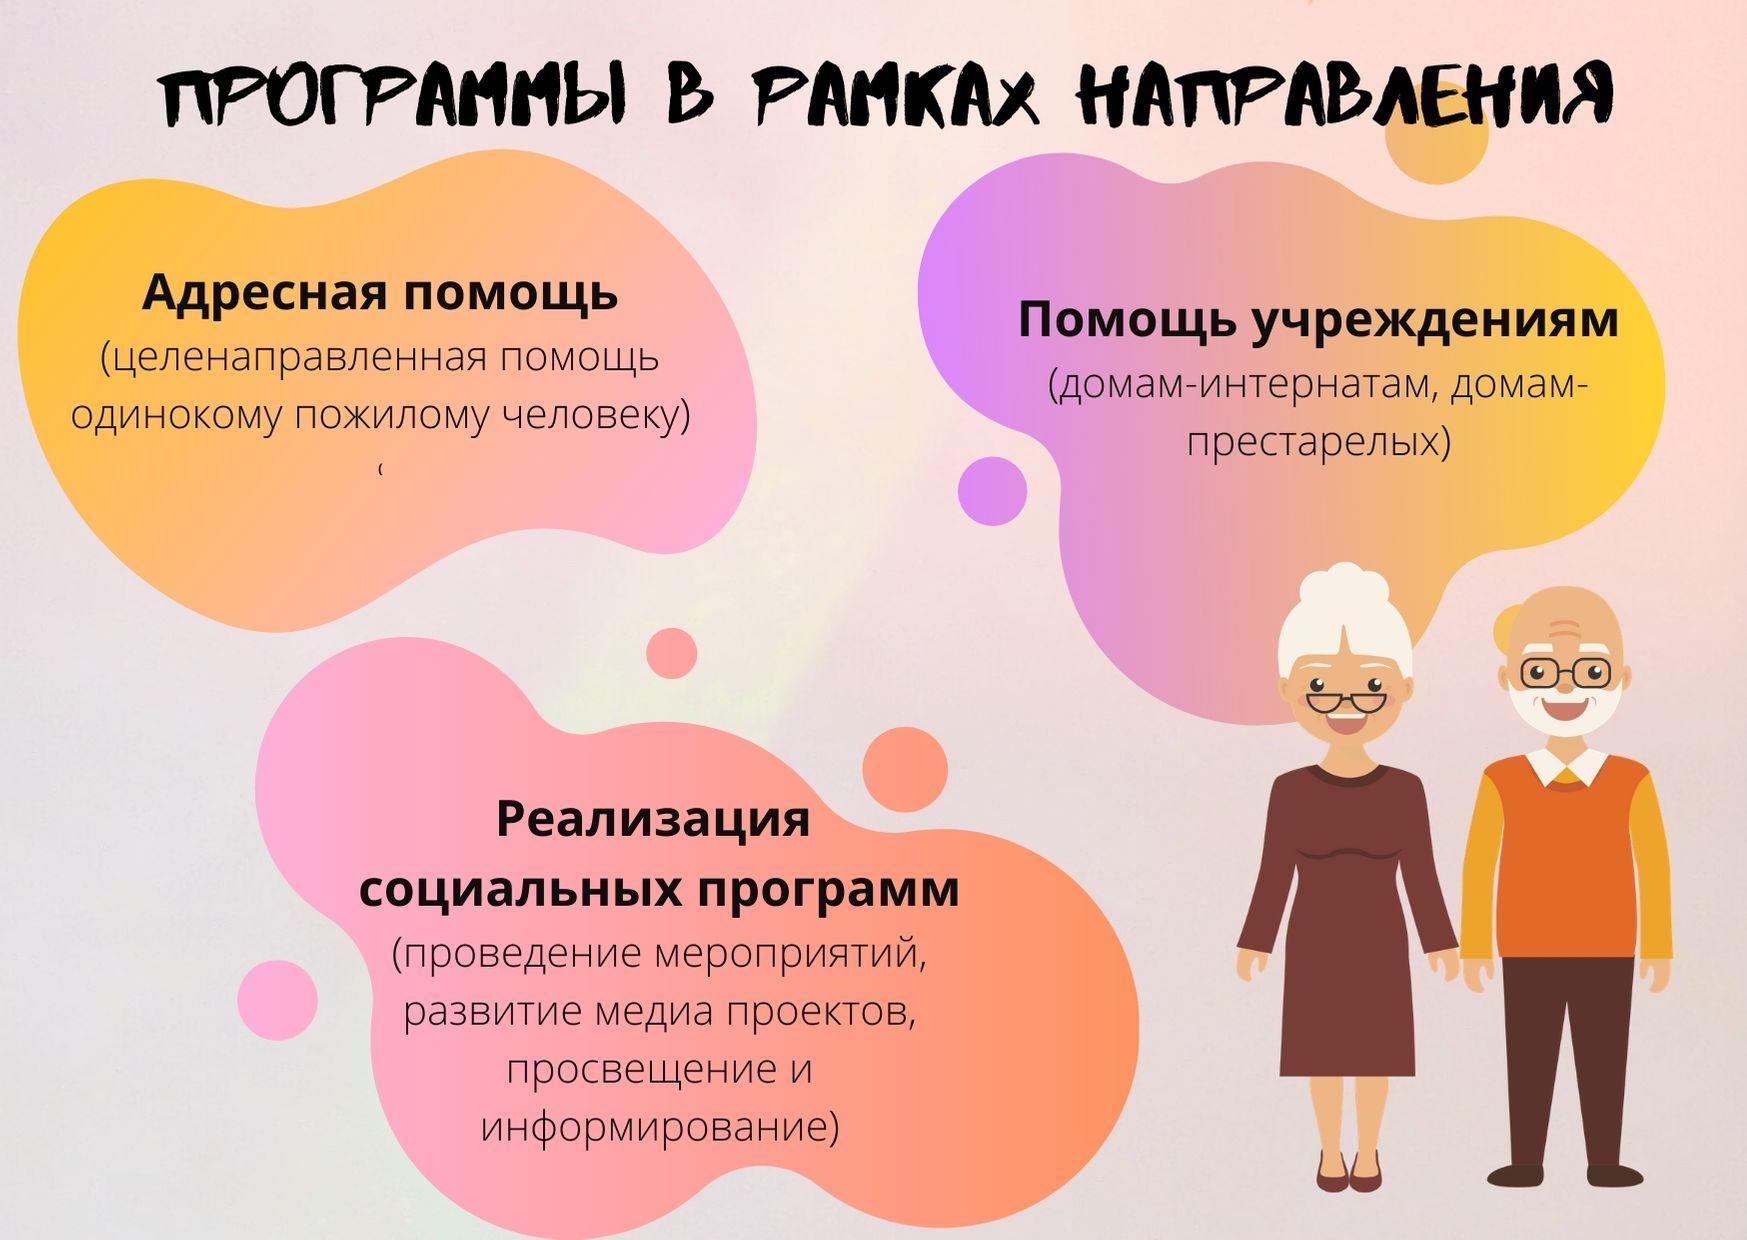 Граждане пожилого возраста